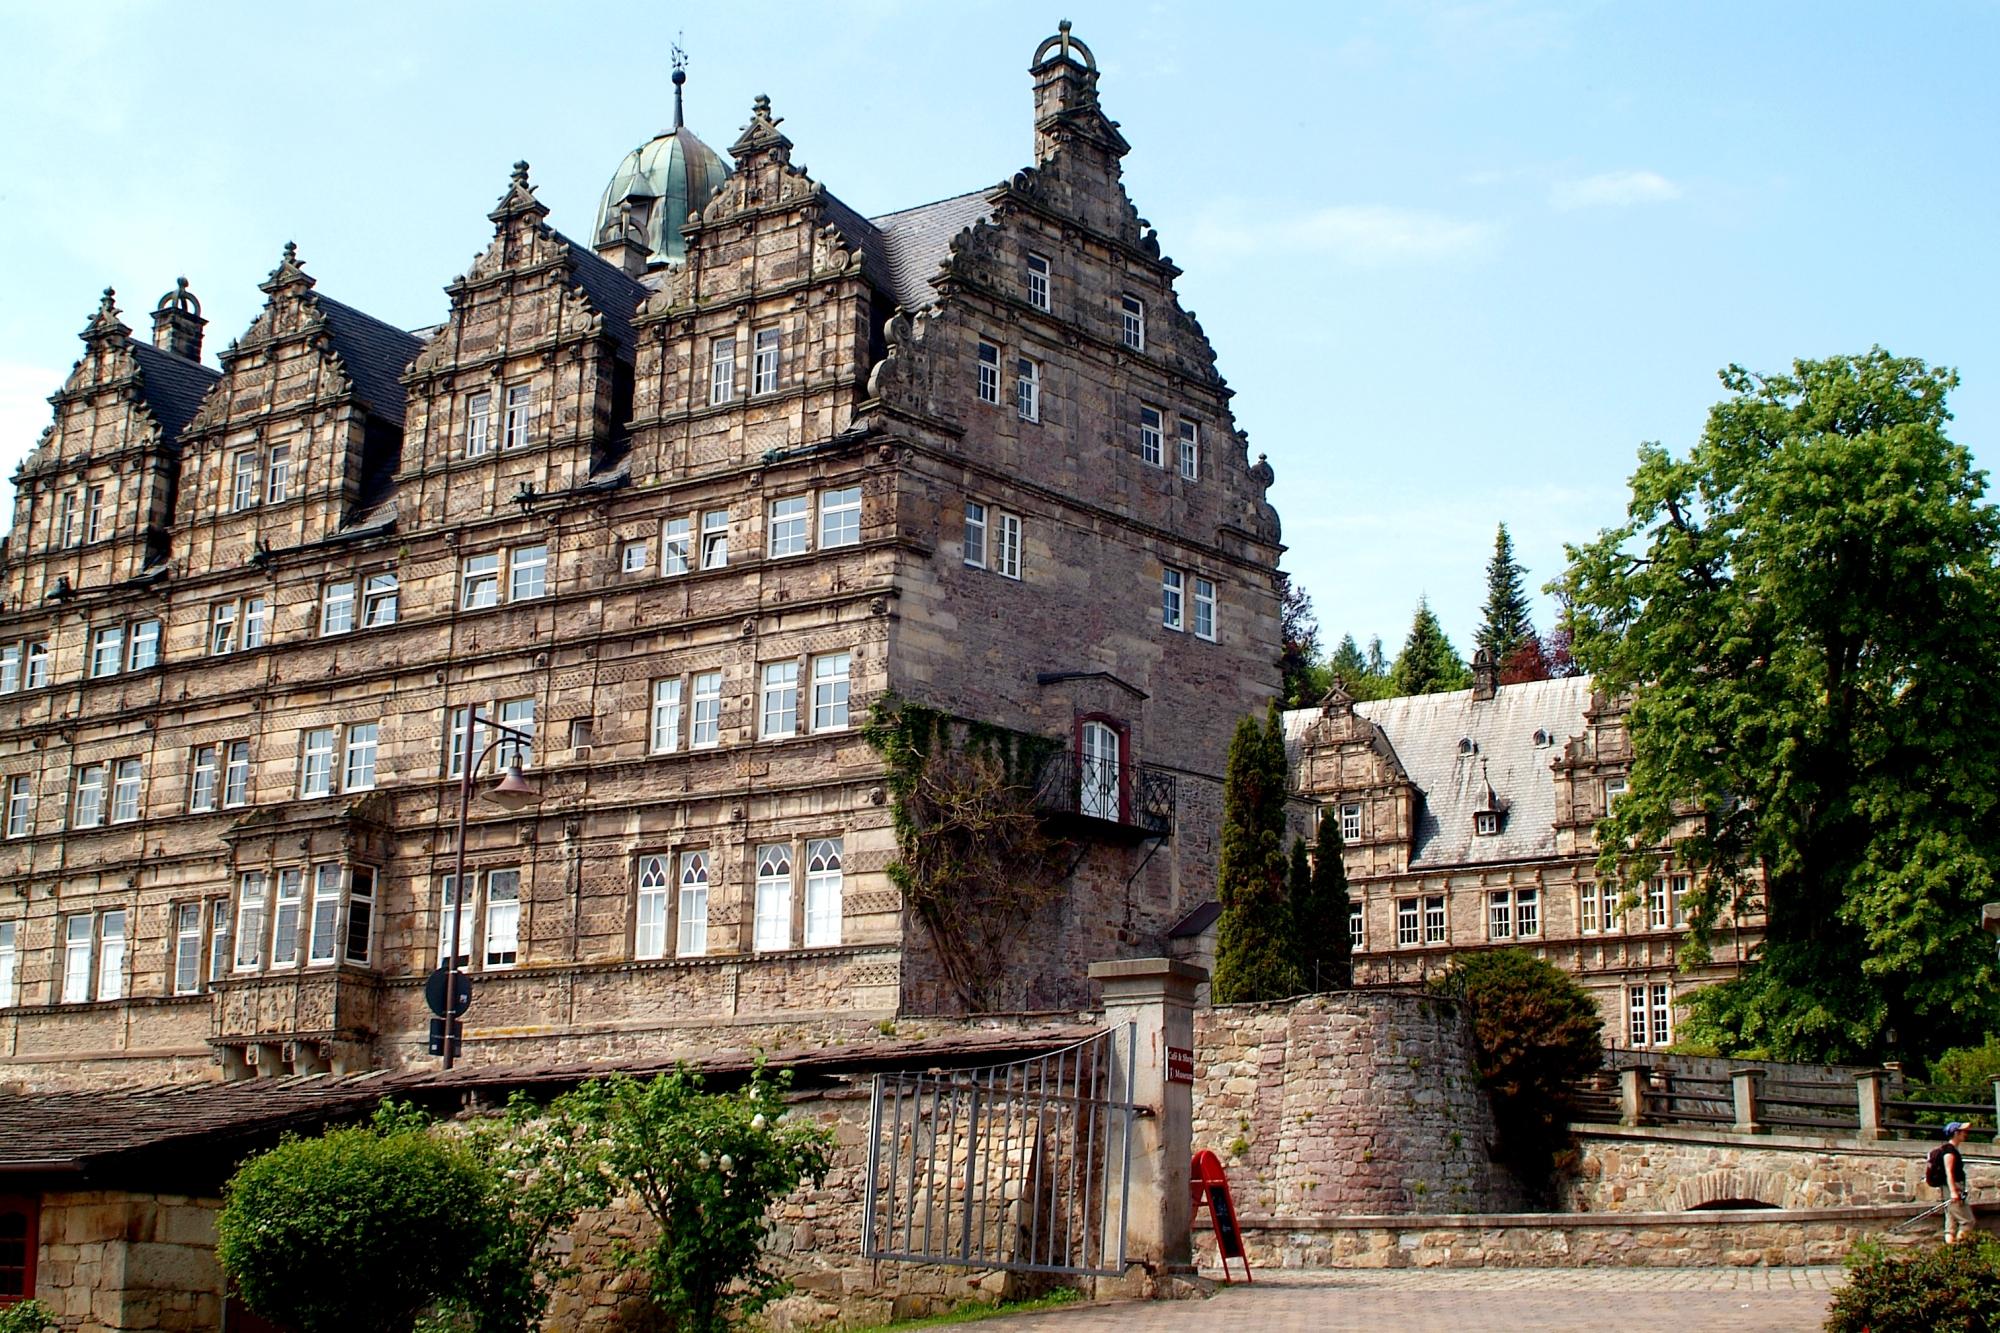 Schloss_Hämelschenburg_gesehen_von_der_Einfahrt_der_ehemaligen_Gutsanlagen_II